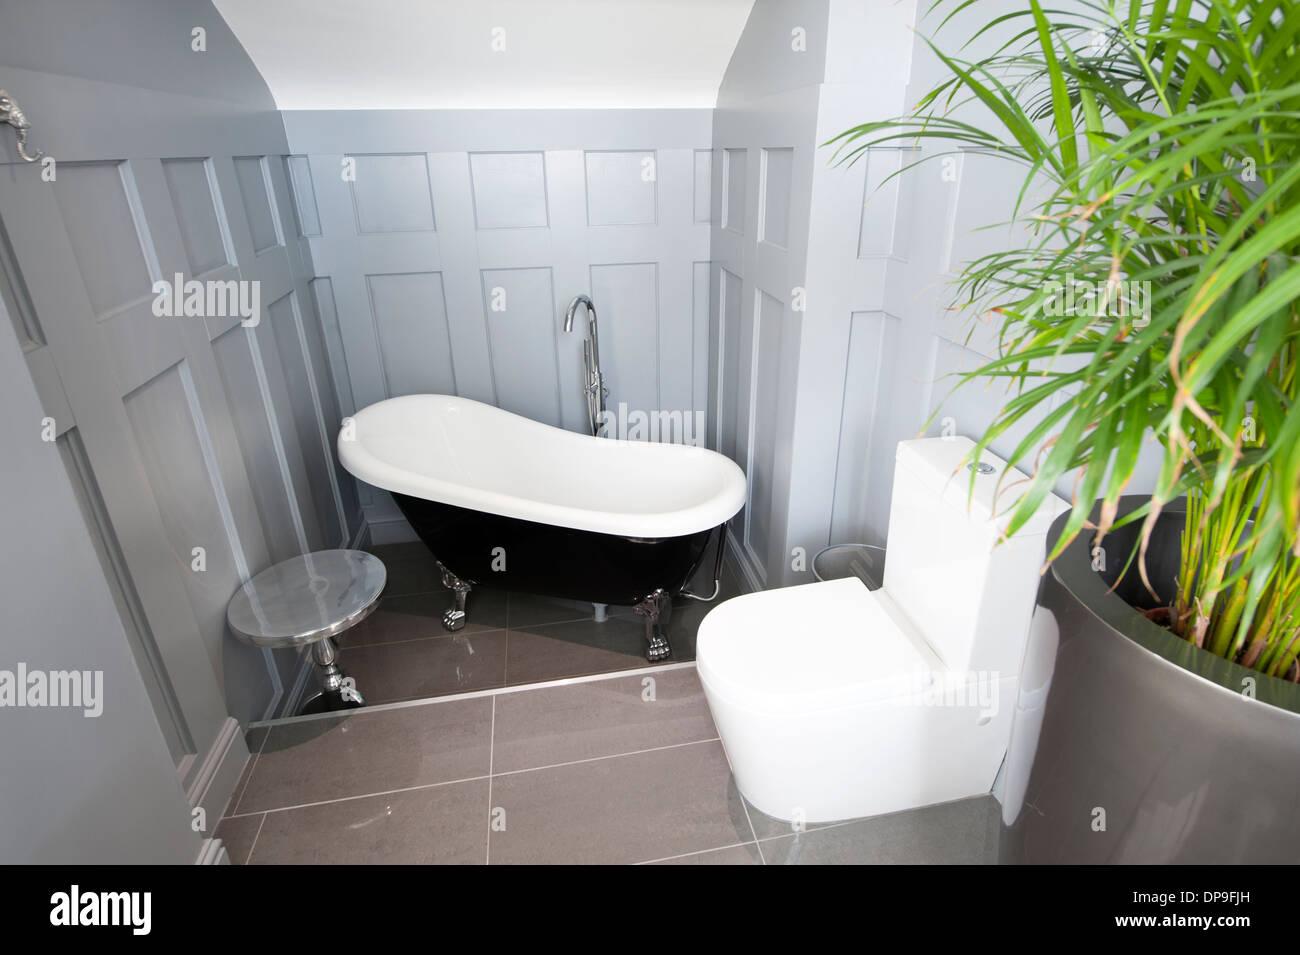 Modern bathroom Victorian style bath tub bathtub - Stock Image